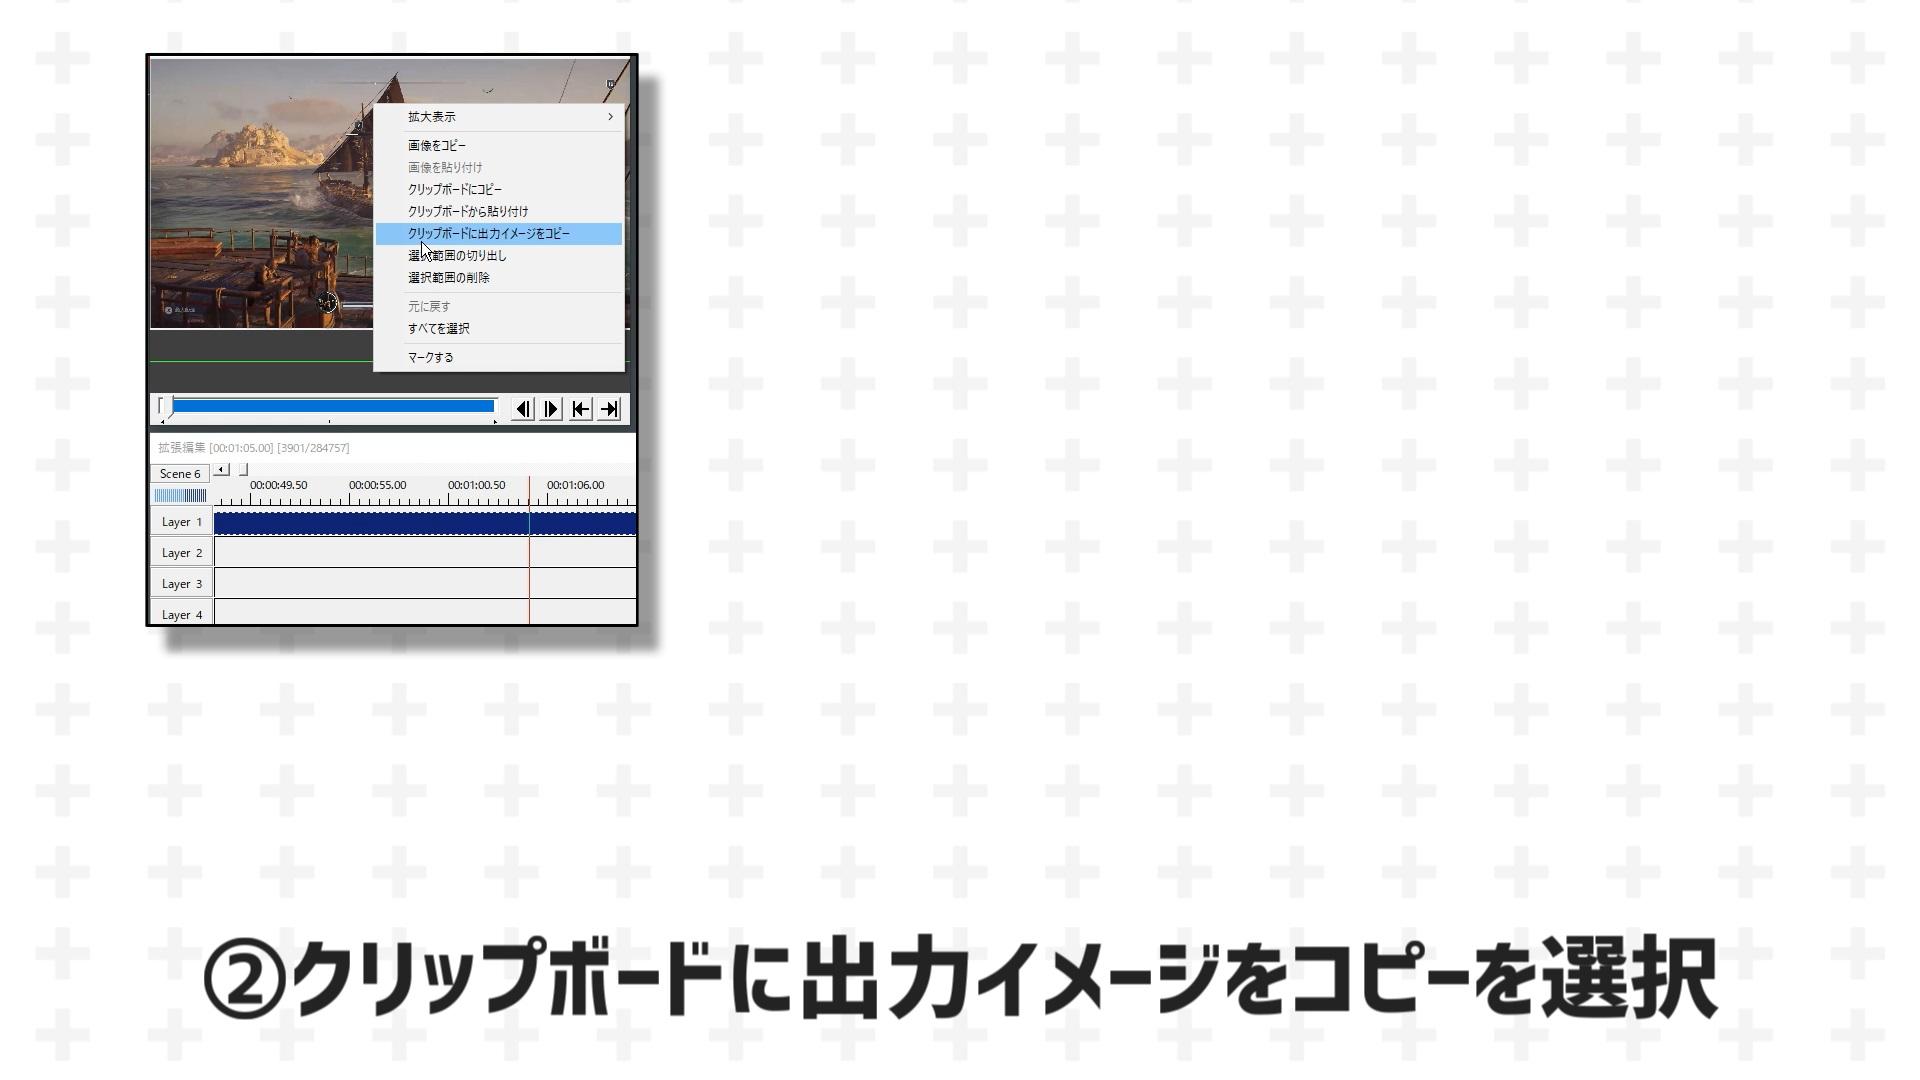 そしてクリップボードに出力イメージをコピーを選択してください。